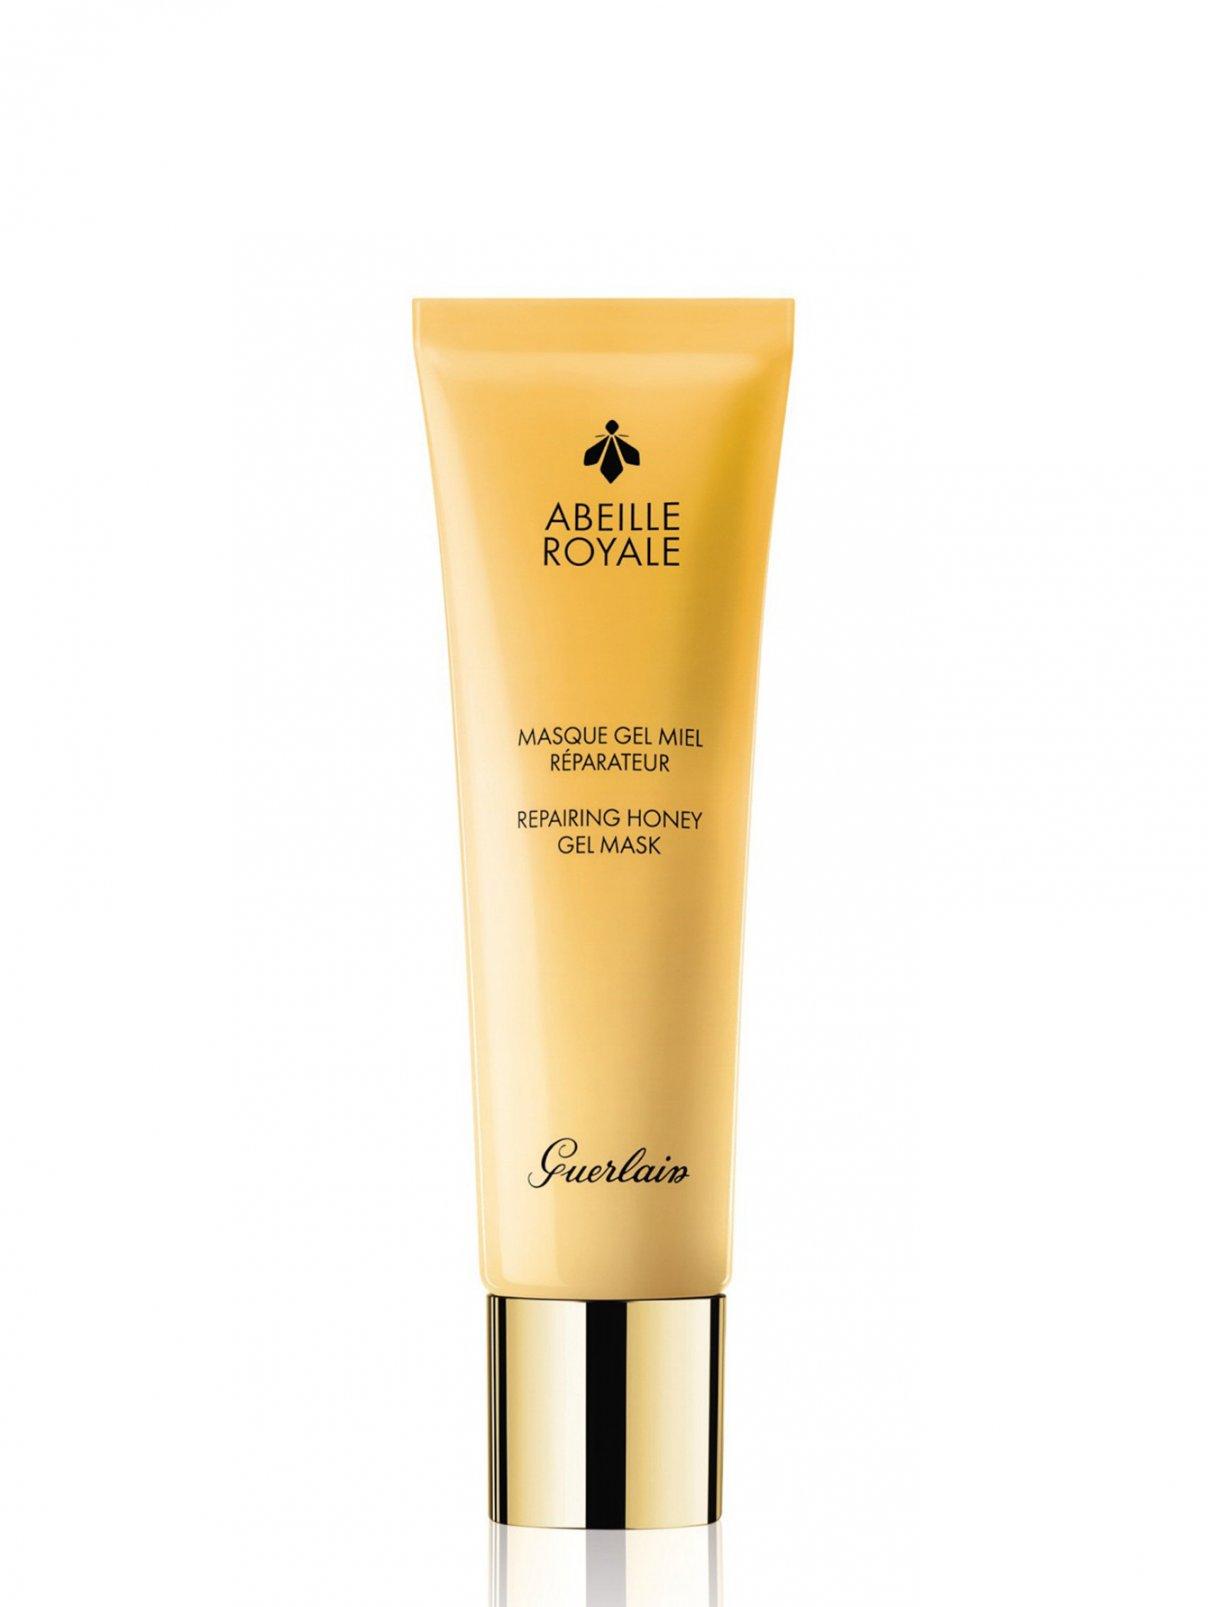 Восстанавливающая гелевая маска для лица ABEILLE ROYALE, 30 мл Guerlain  –  Общий вид